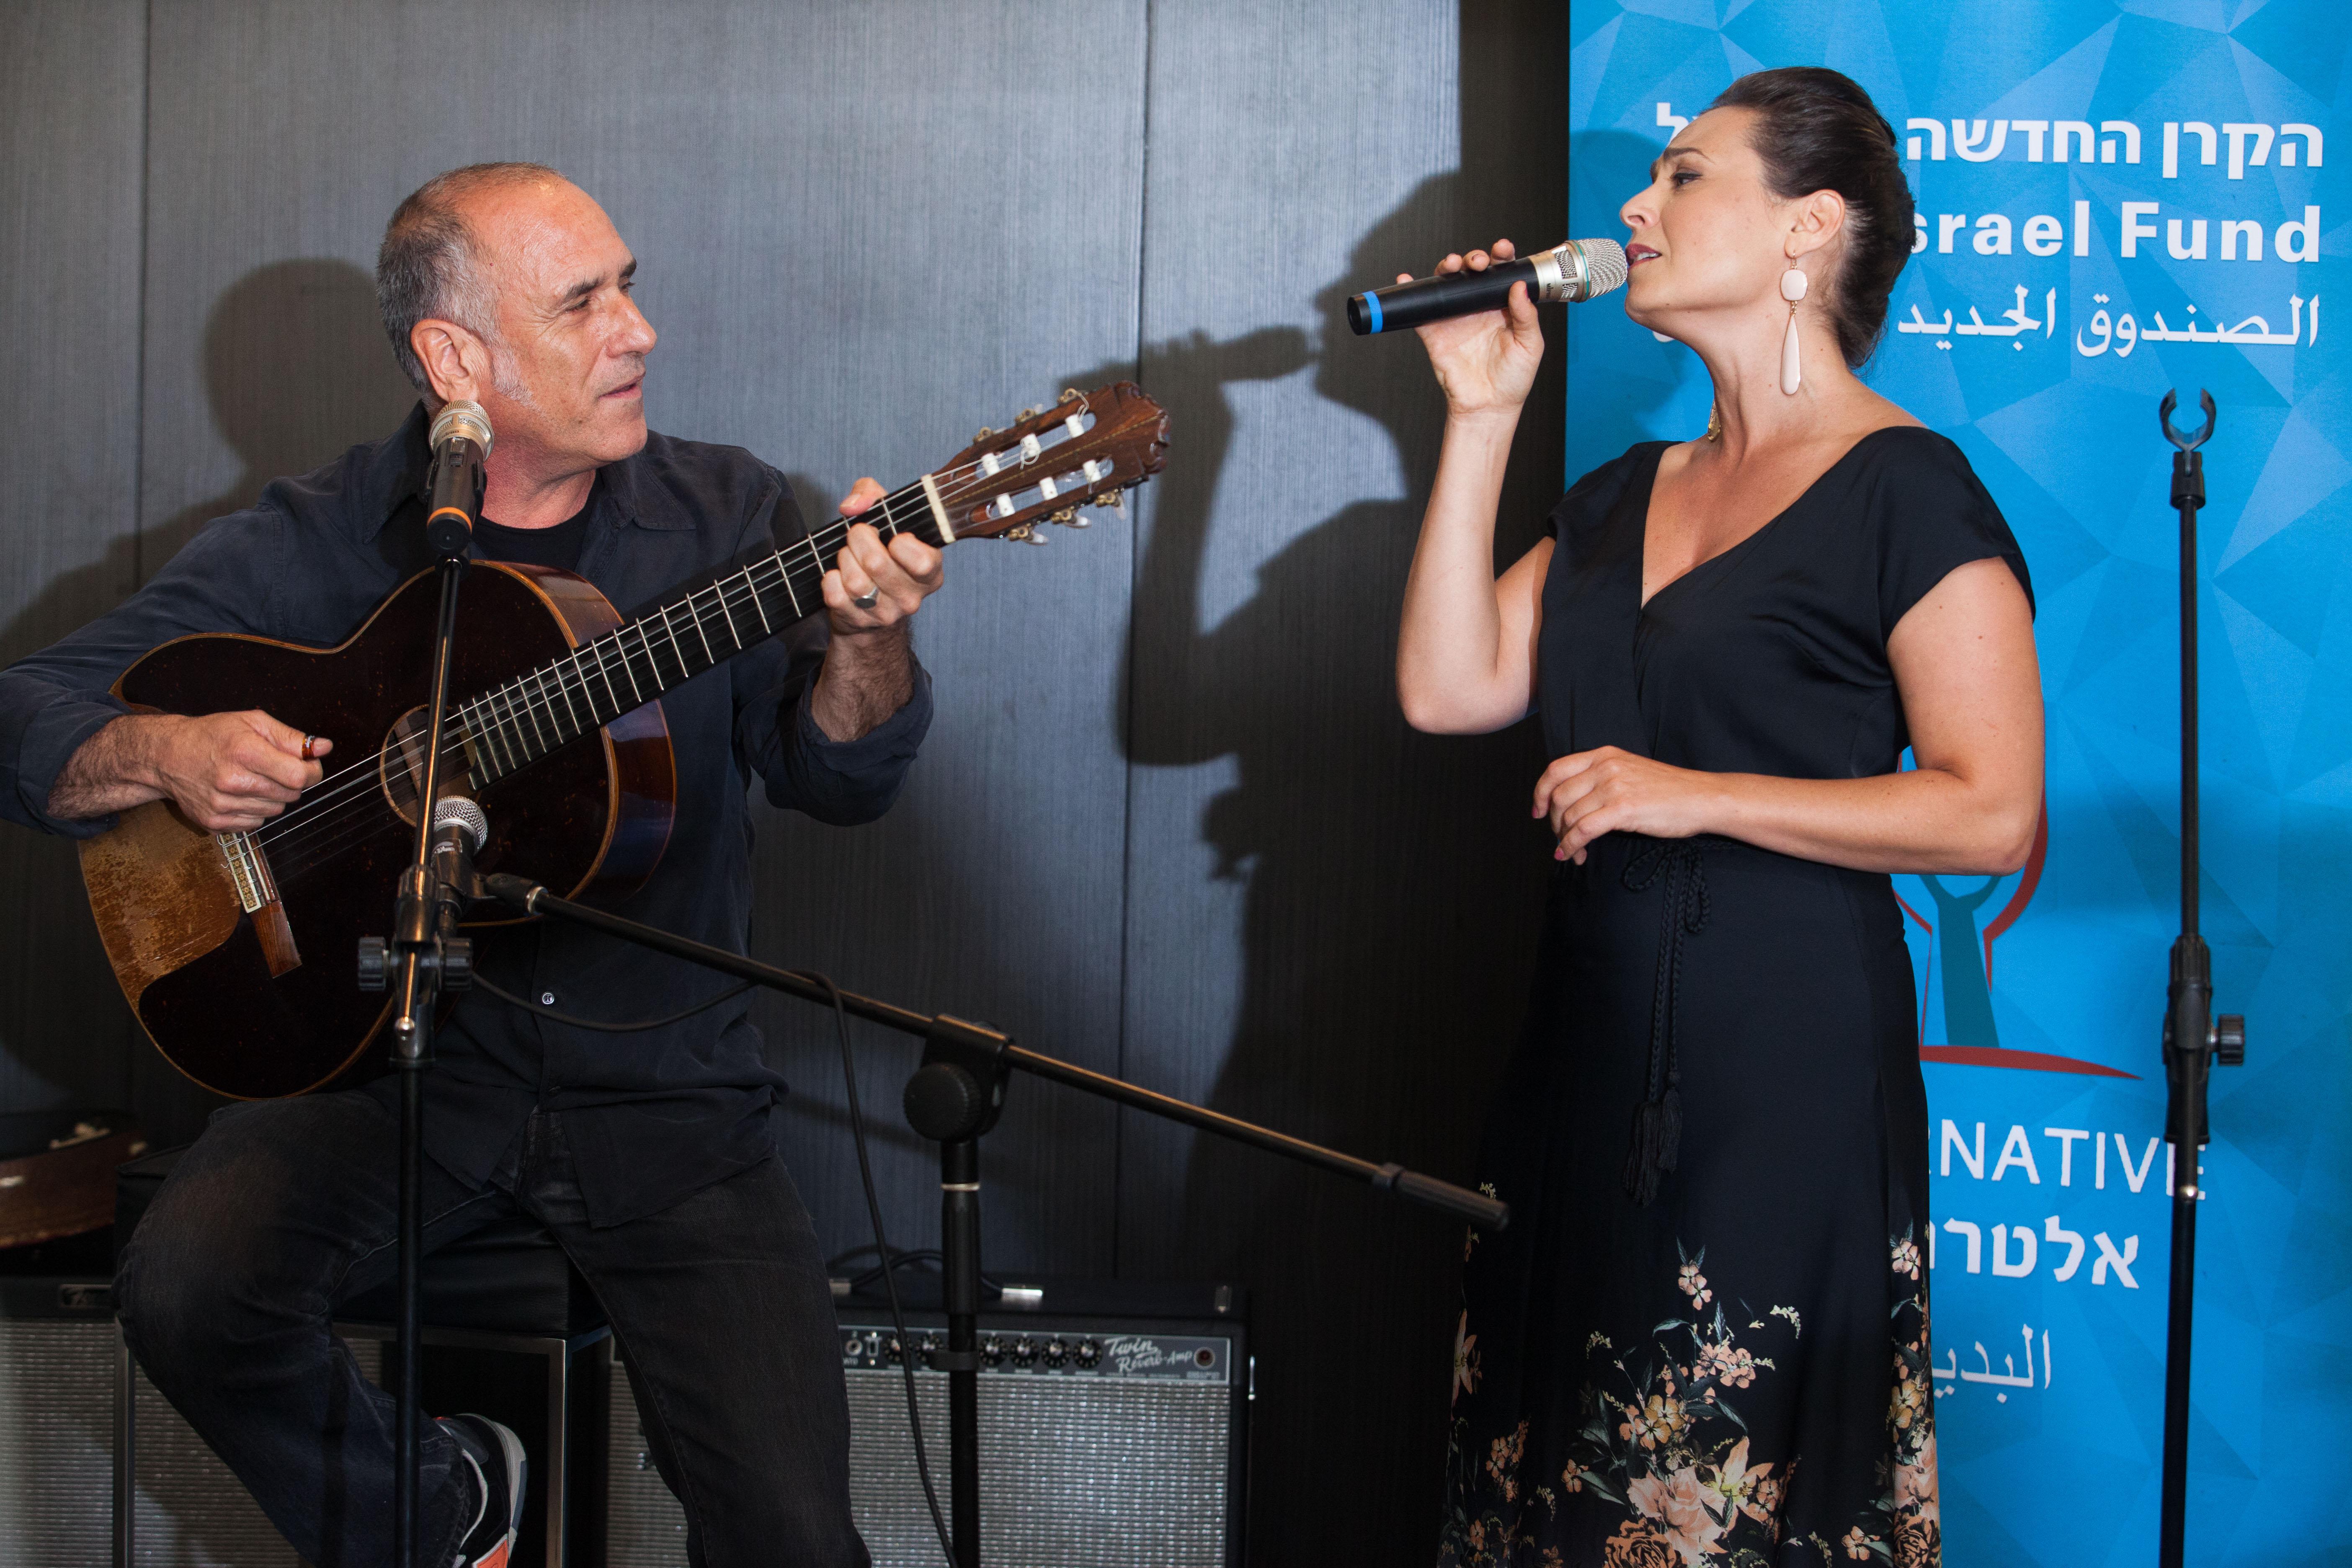 David Broza and Mira Awad